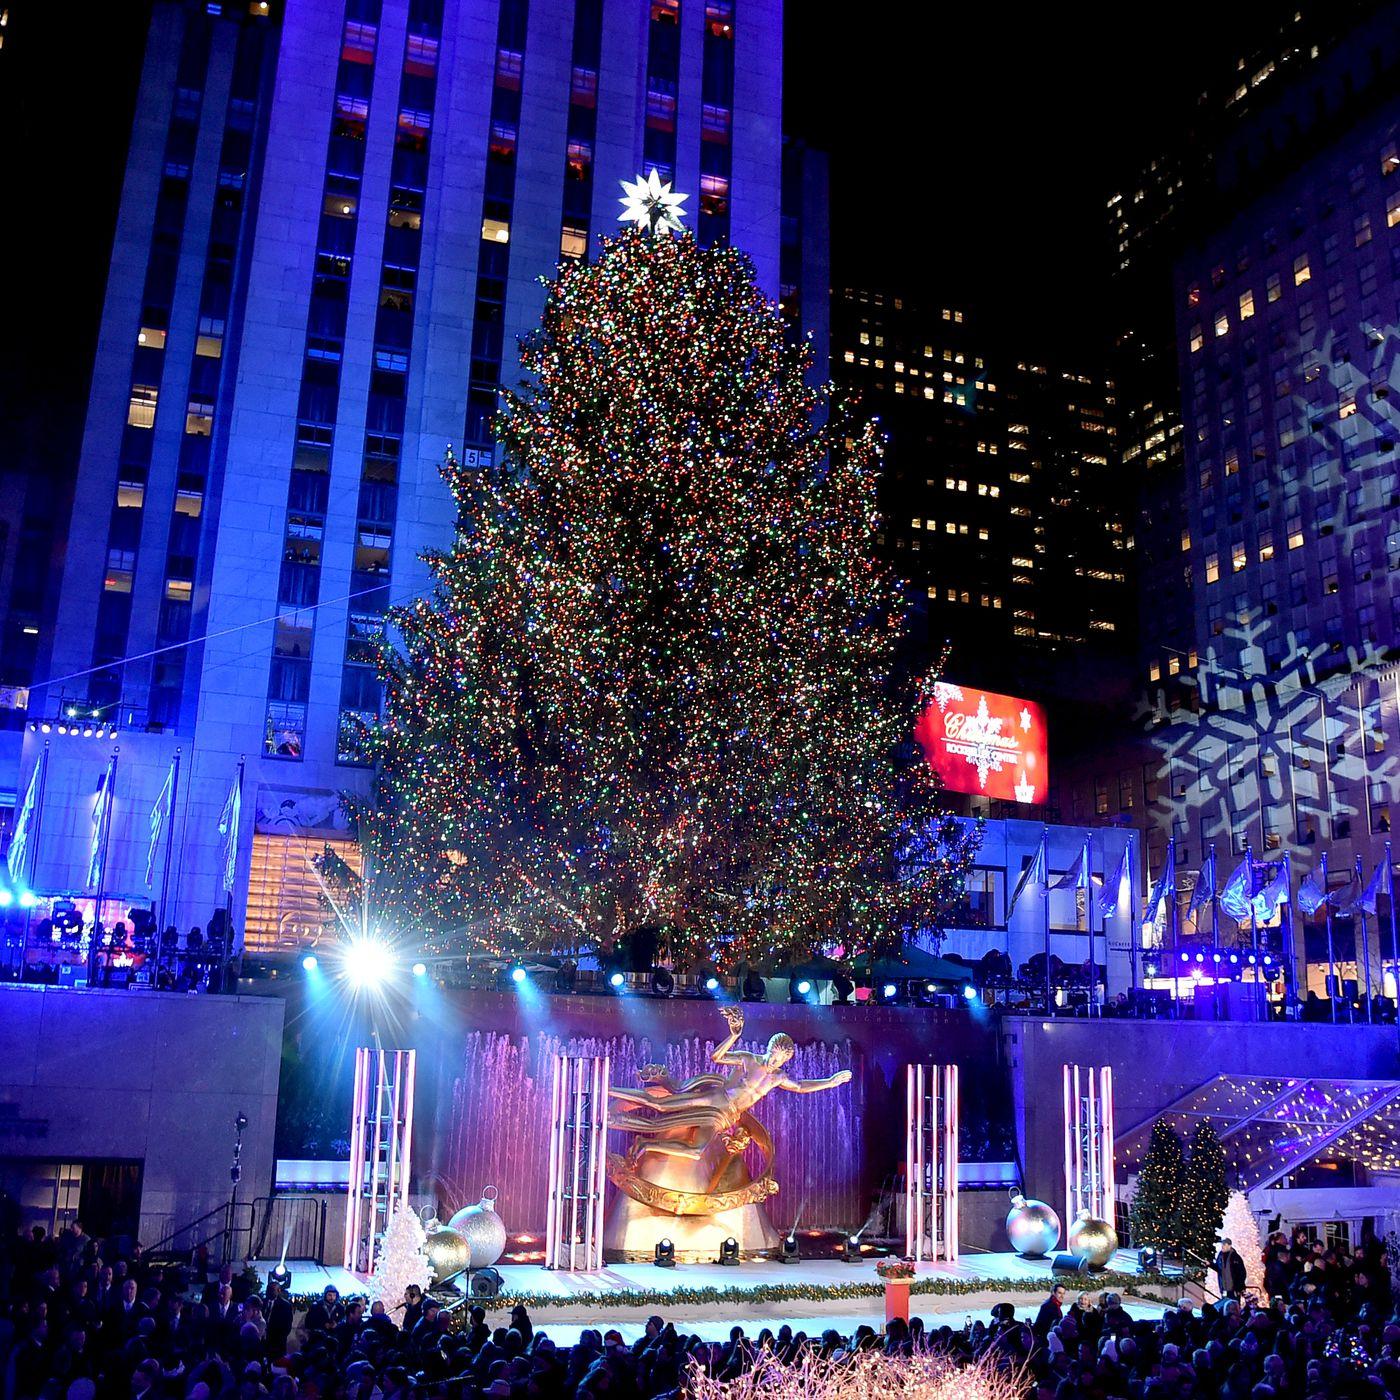 Christmas In New York.Rockefeller Center Christmas Tree Lighting 2018 Street